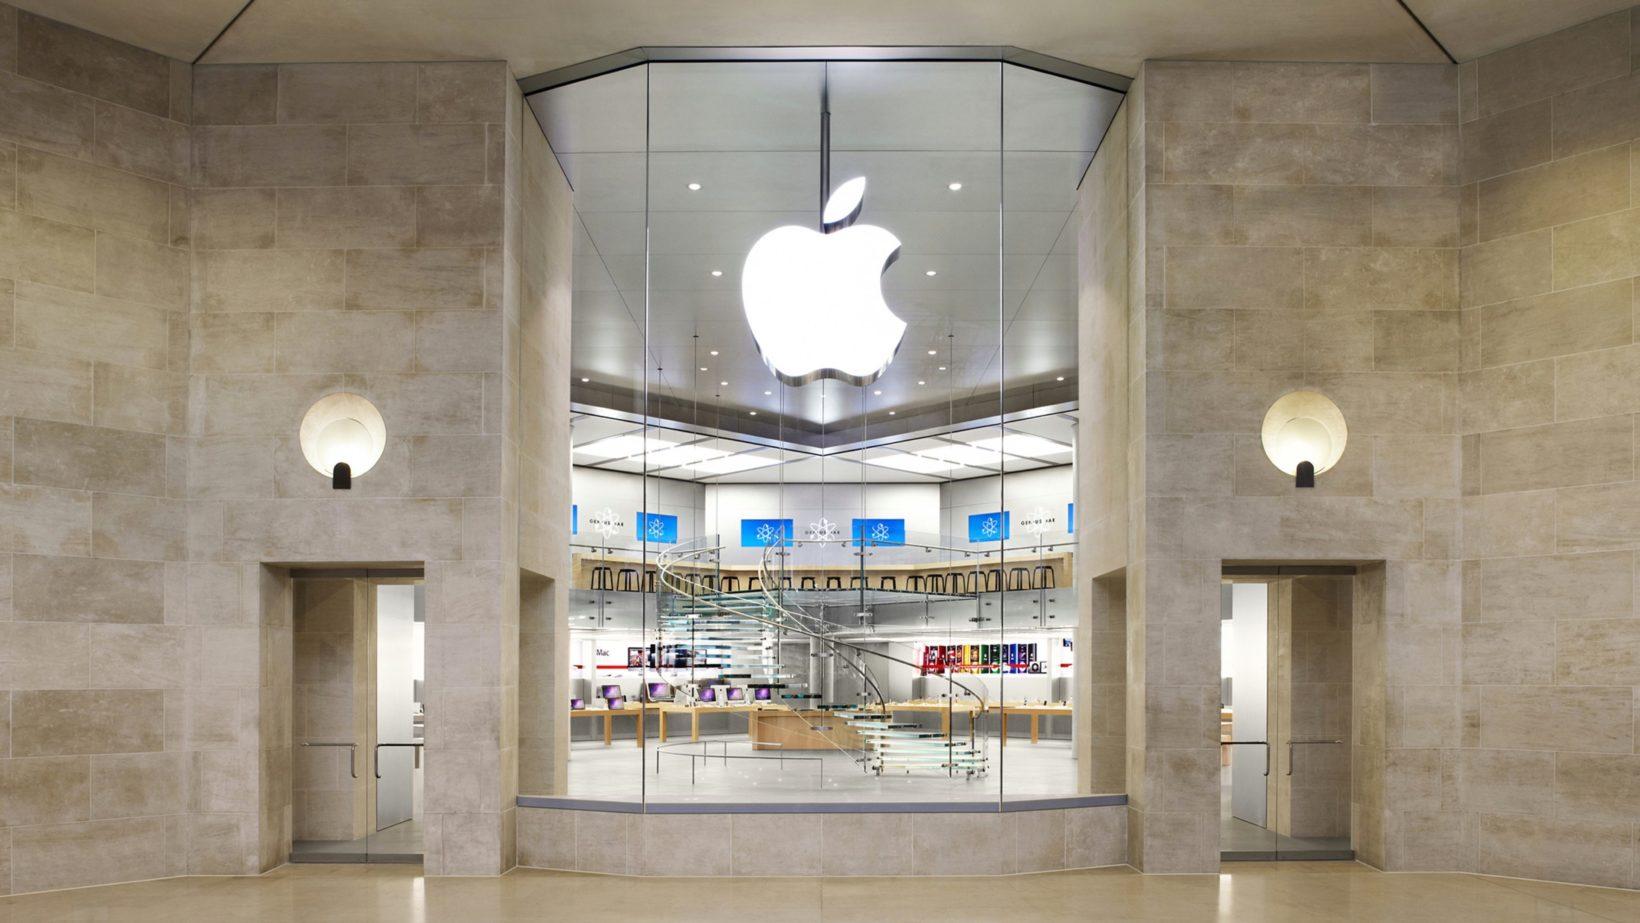 Apre il negozio Apple sugli Champs-Élysées, chiude quelo del Louvre